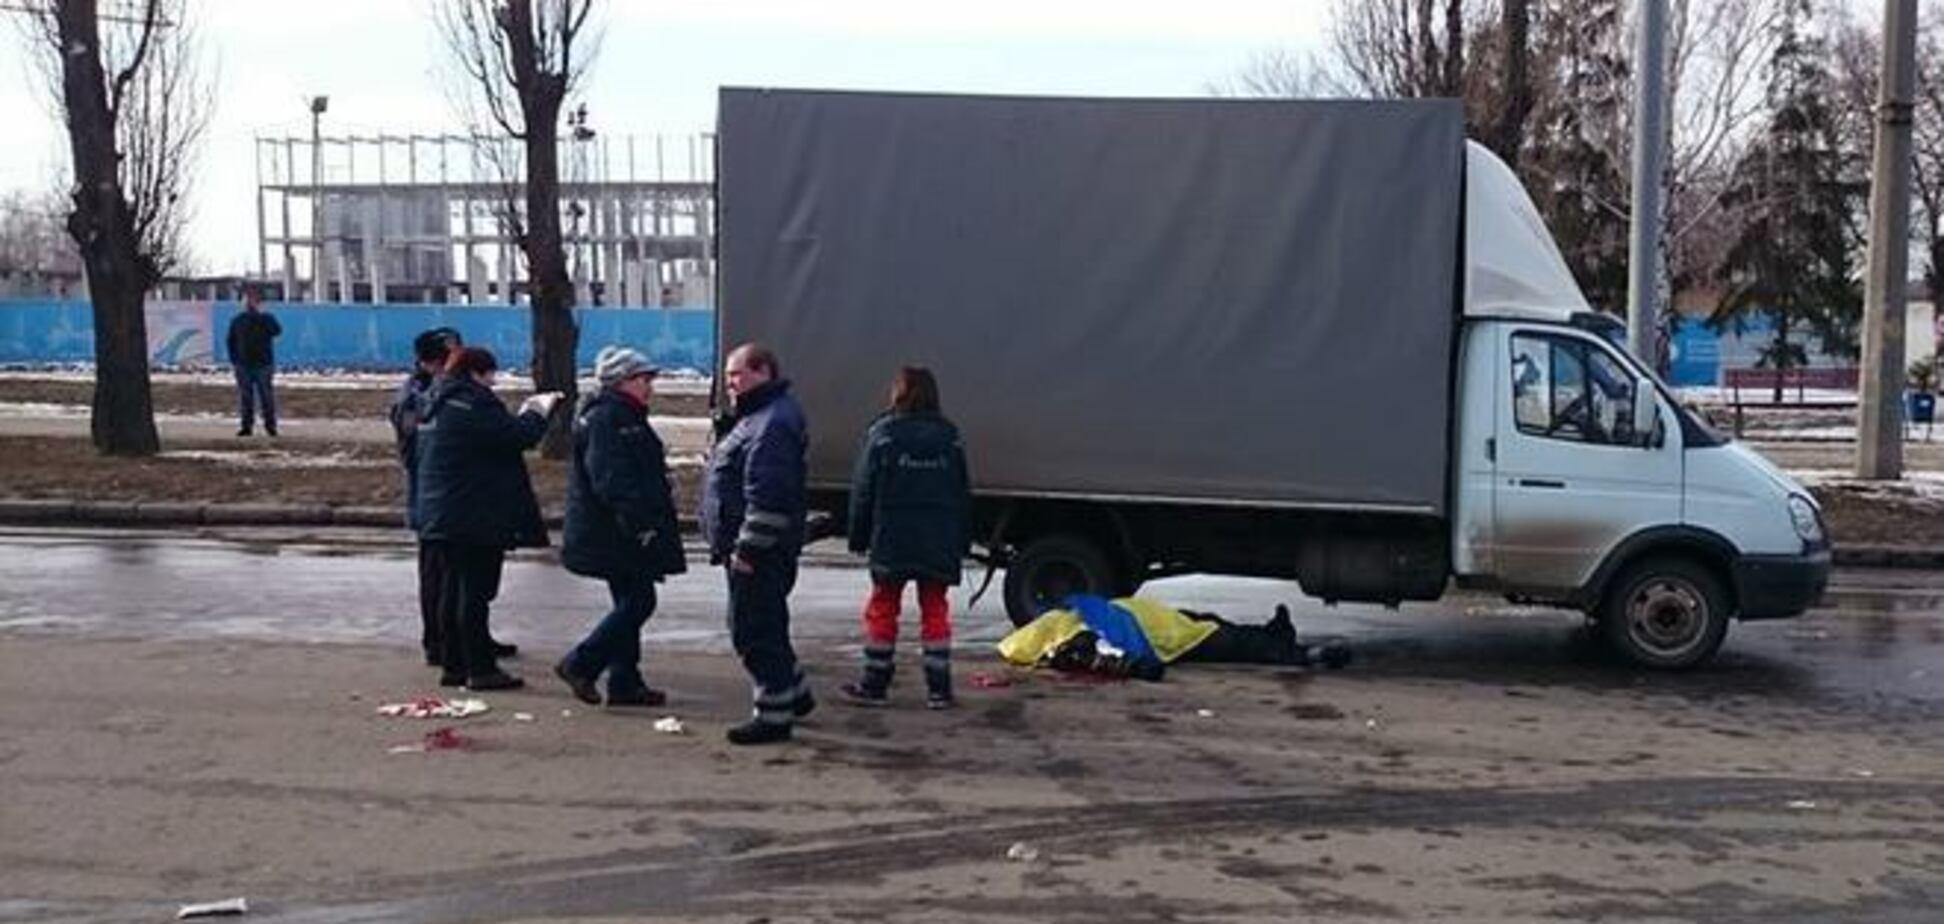 Теракт в Харькове совершили с помощью управляемой противопехотной мины